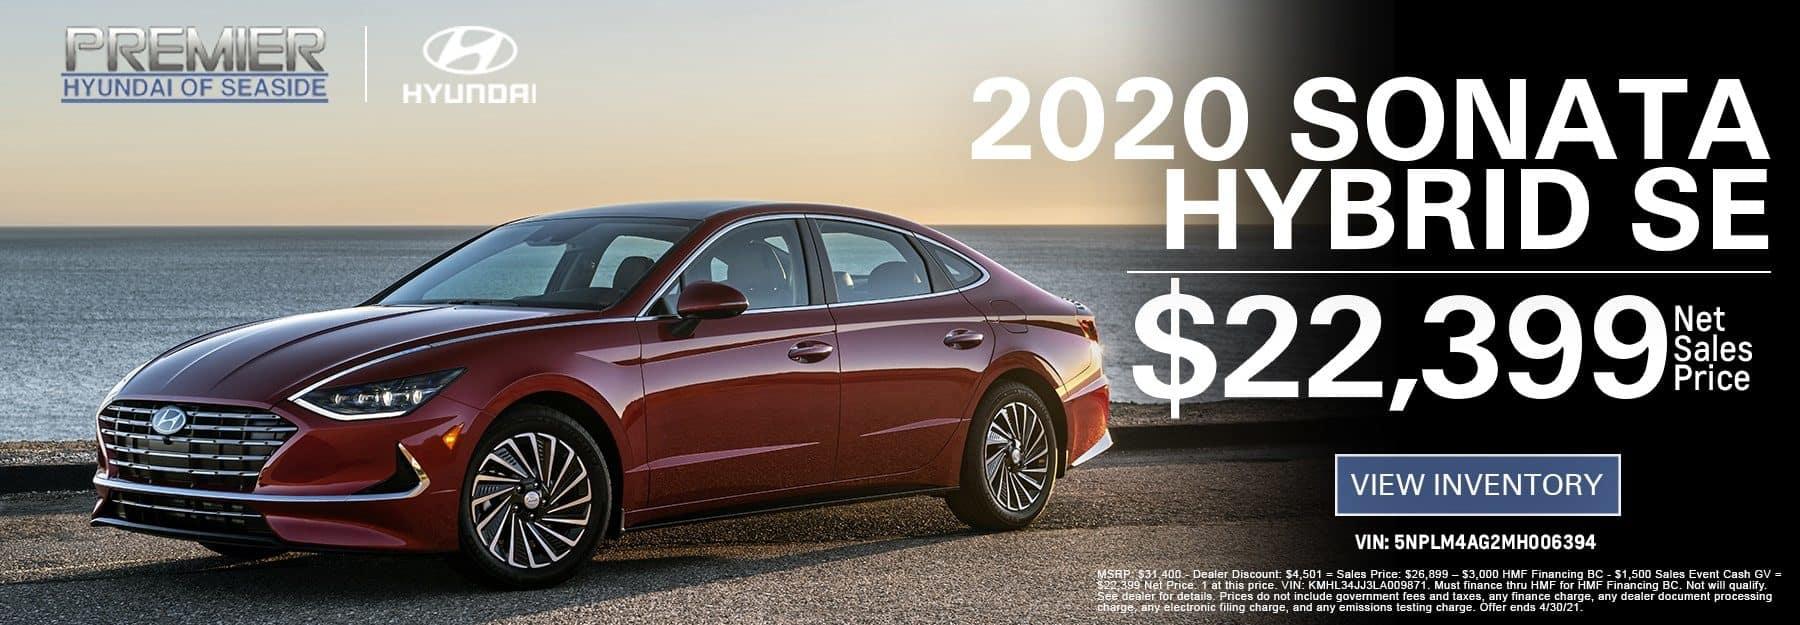 2020 Sonata Hybrid SE vin-min